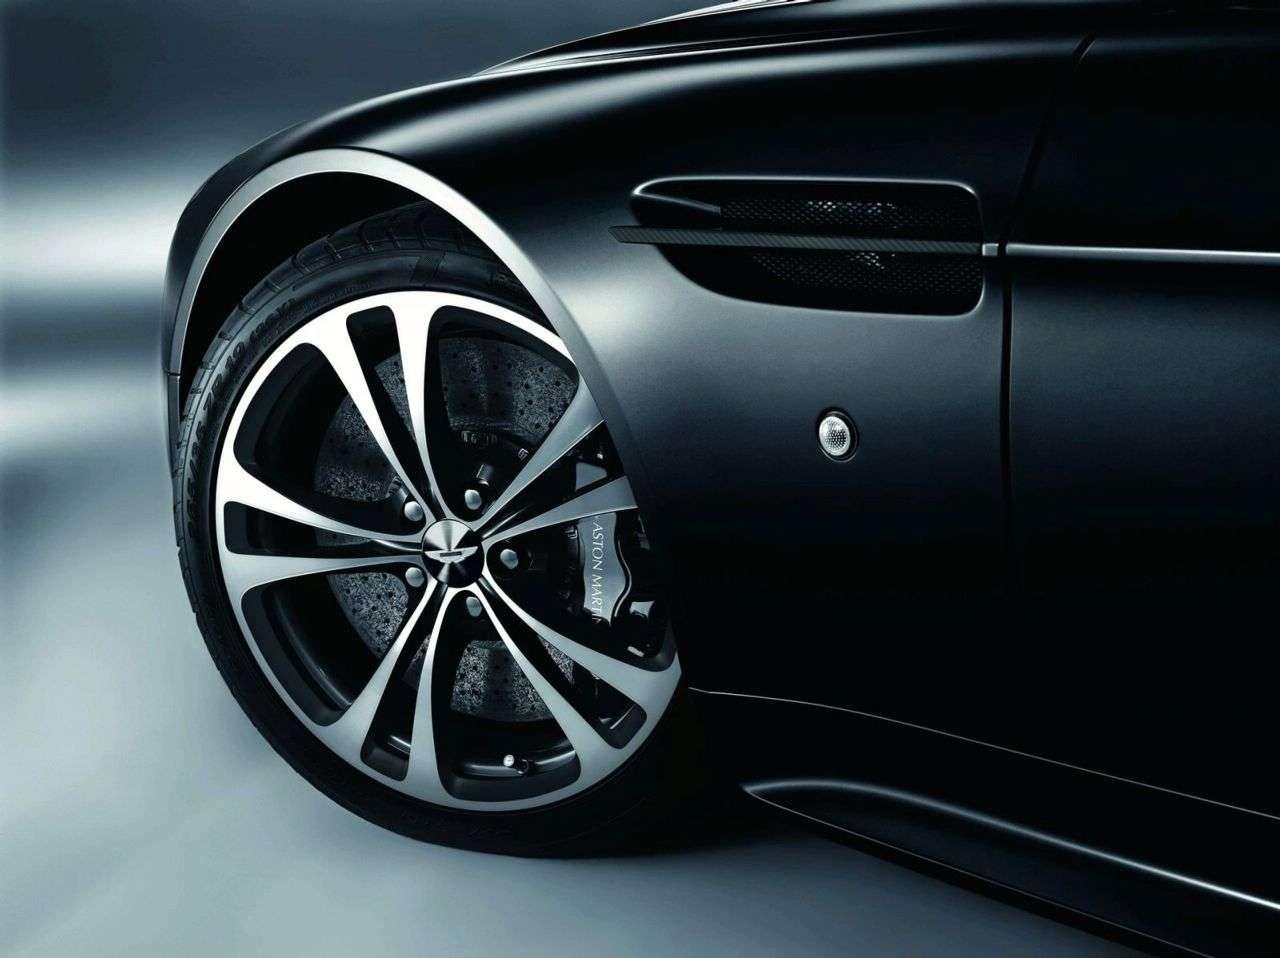 Aston Martin DBS i V12 Vantage Carbon Black